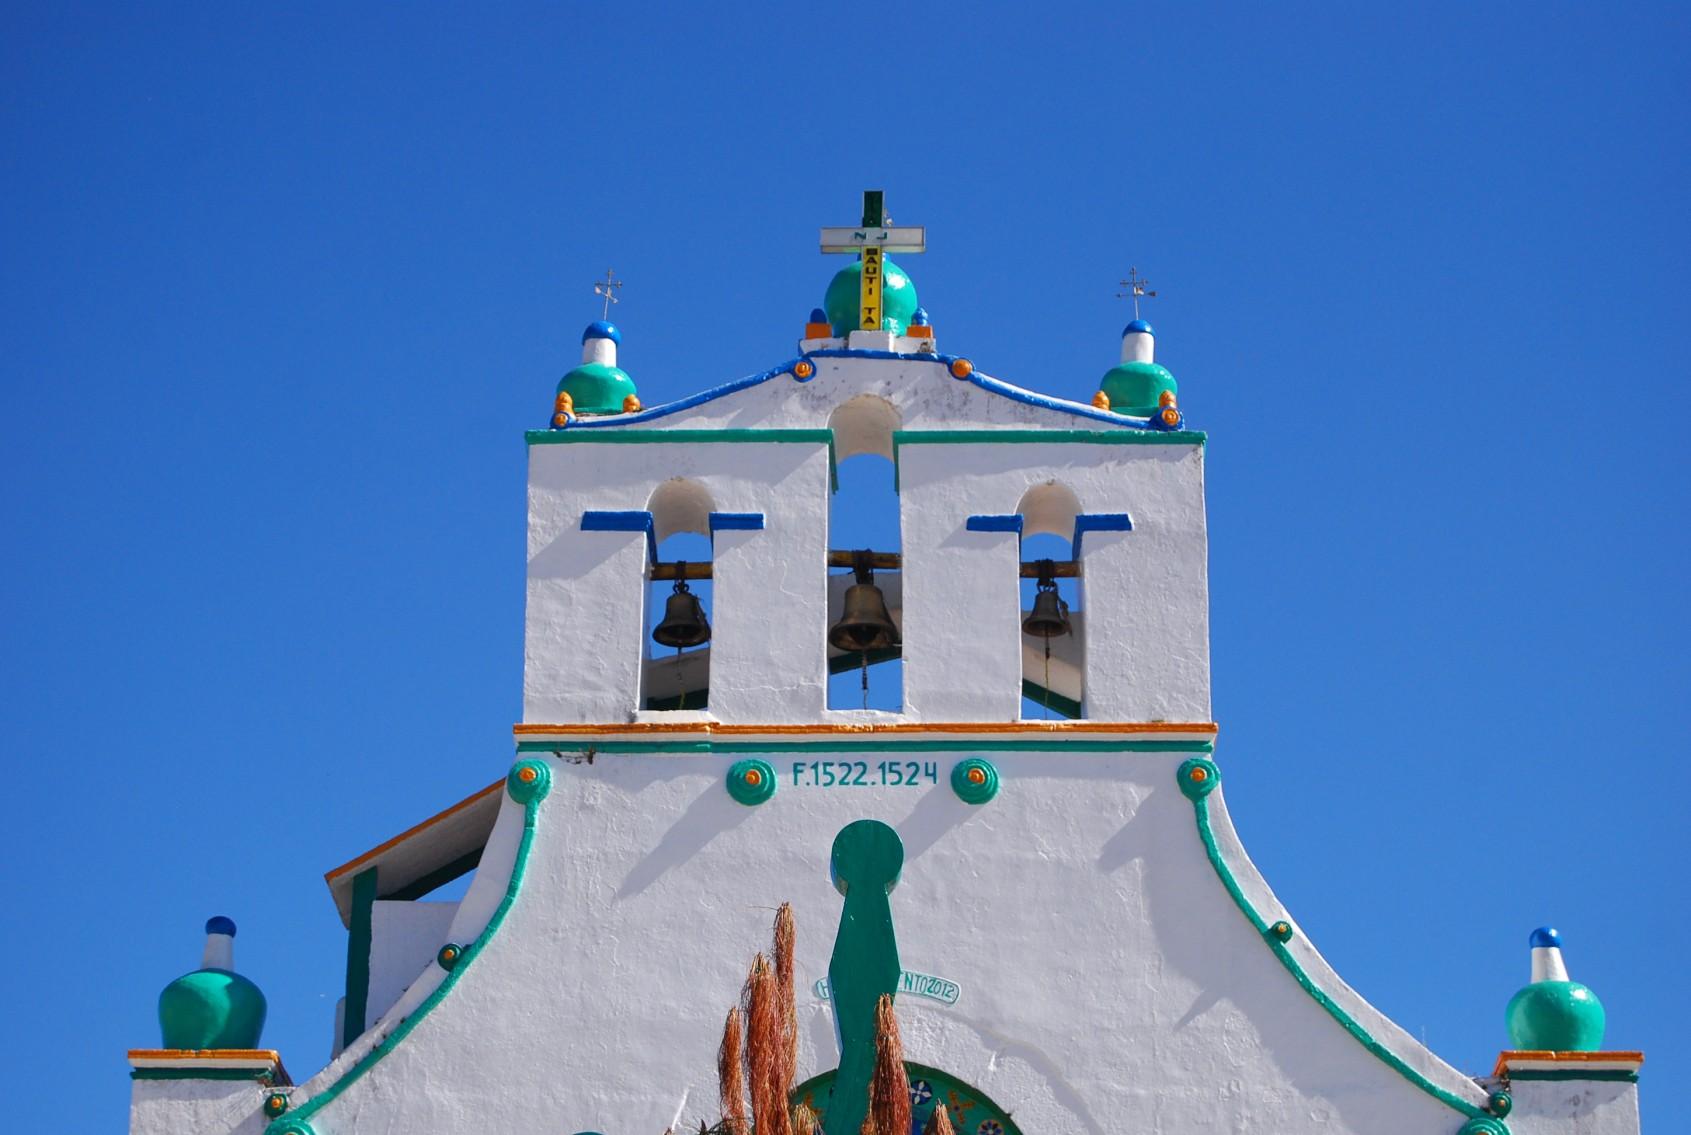 mex20-walking-tour-of-san-cristobel-de-las-casas-free-mn